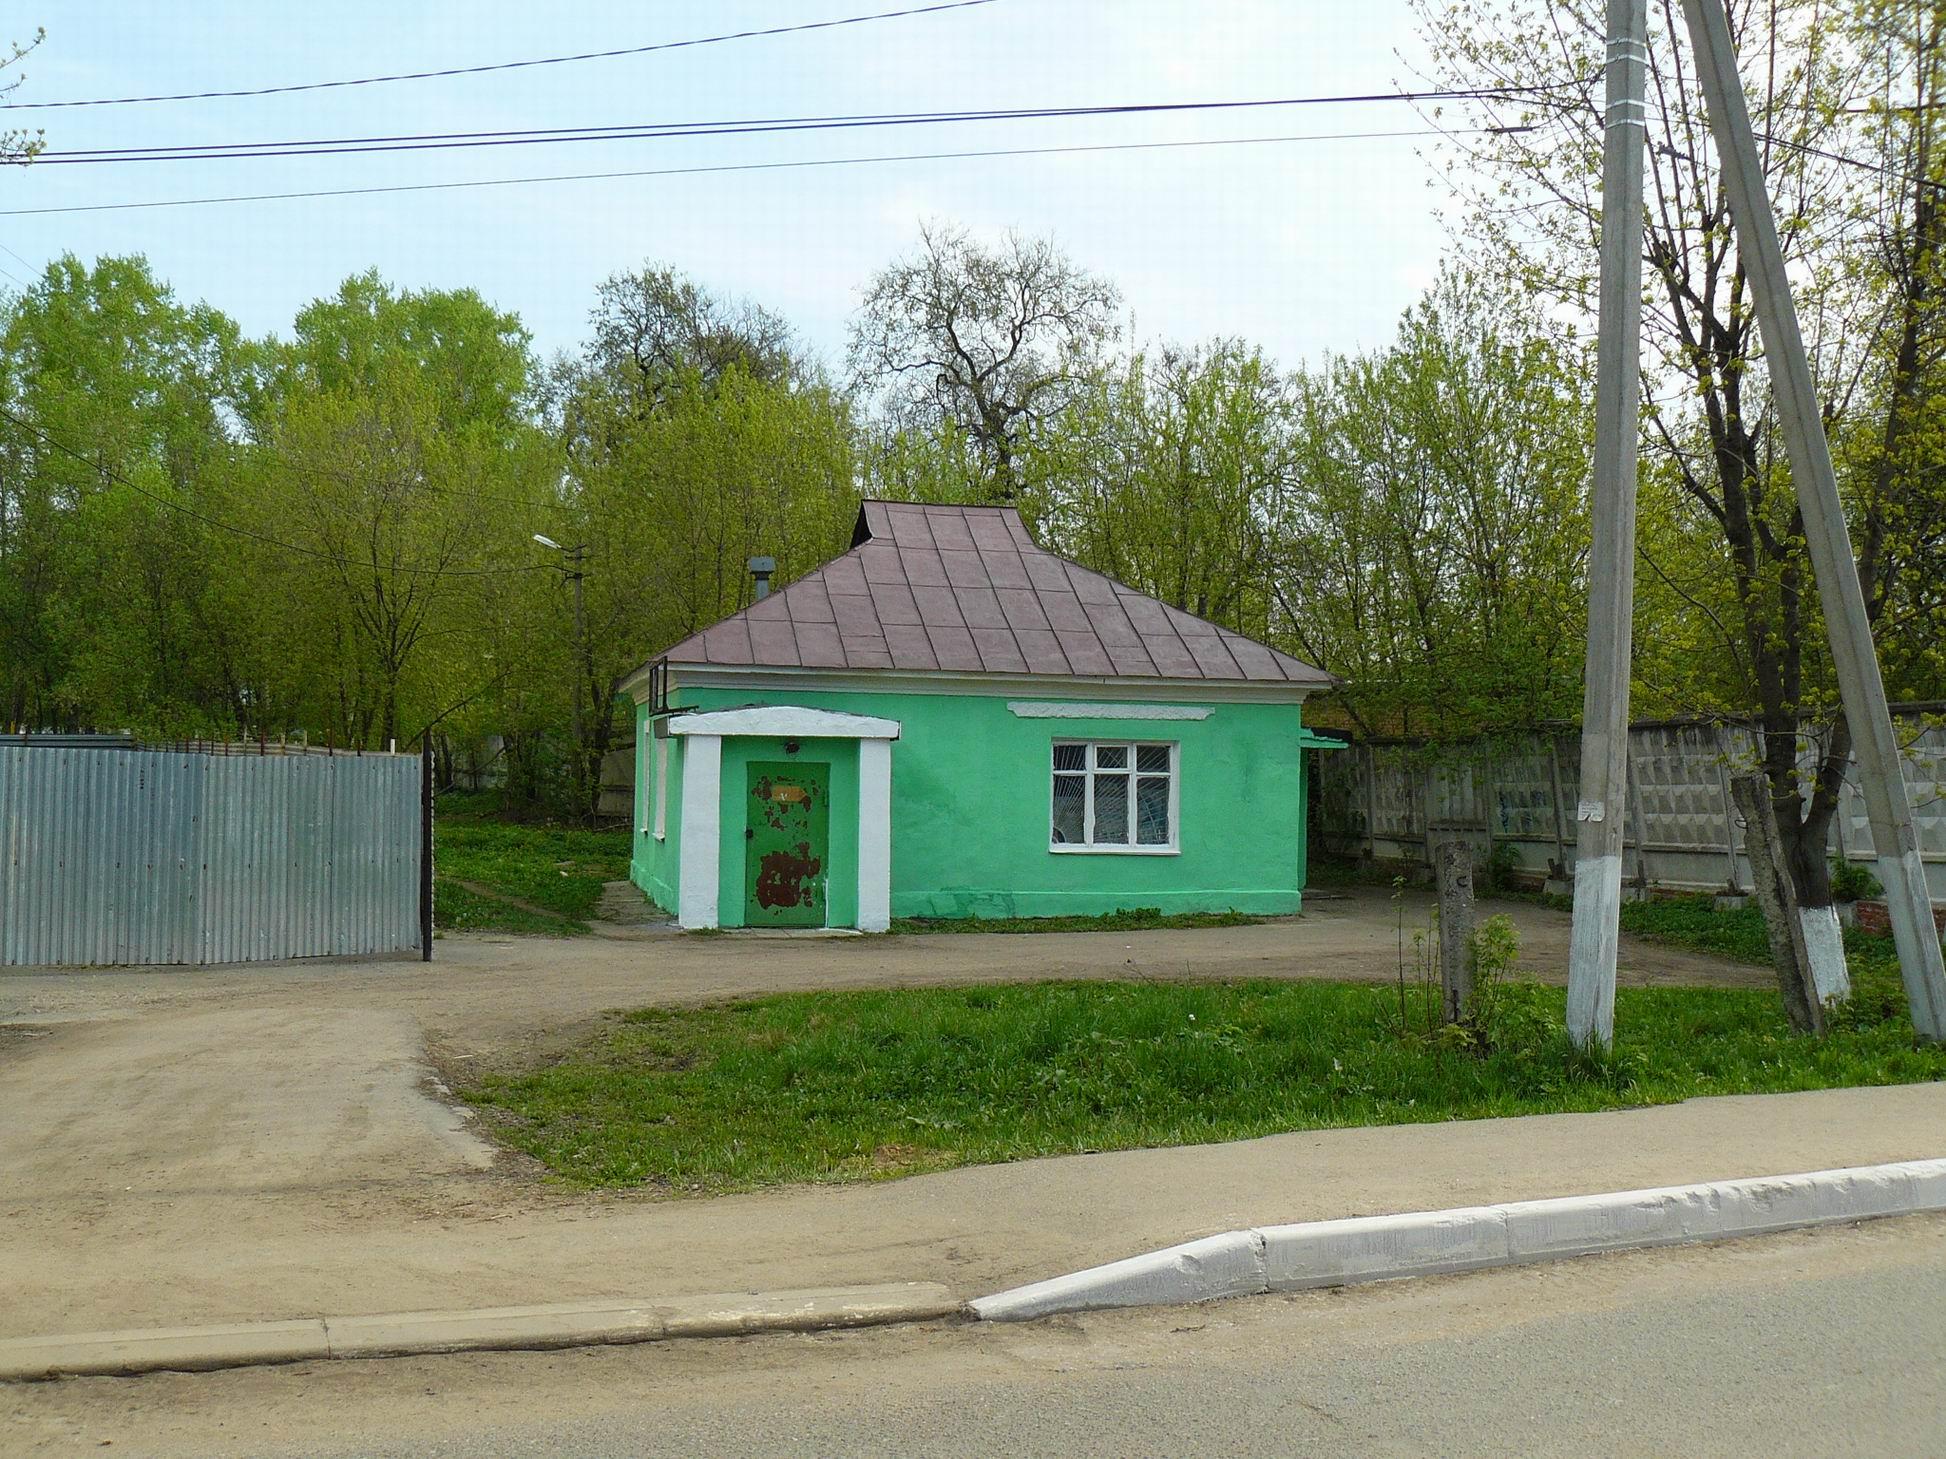 http://pics.livejournal.com/pushkino_2009/pic/000hhq52